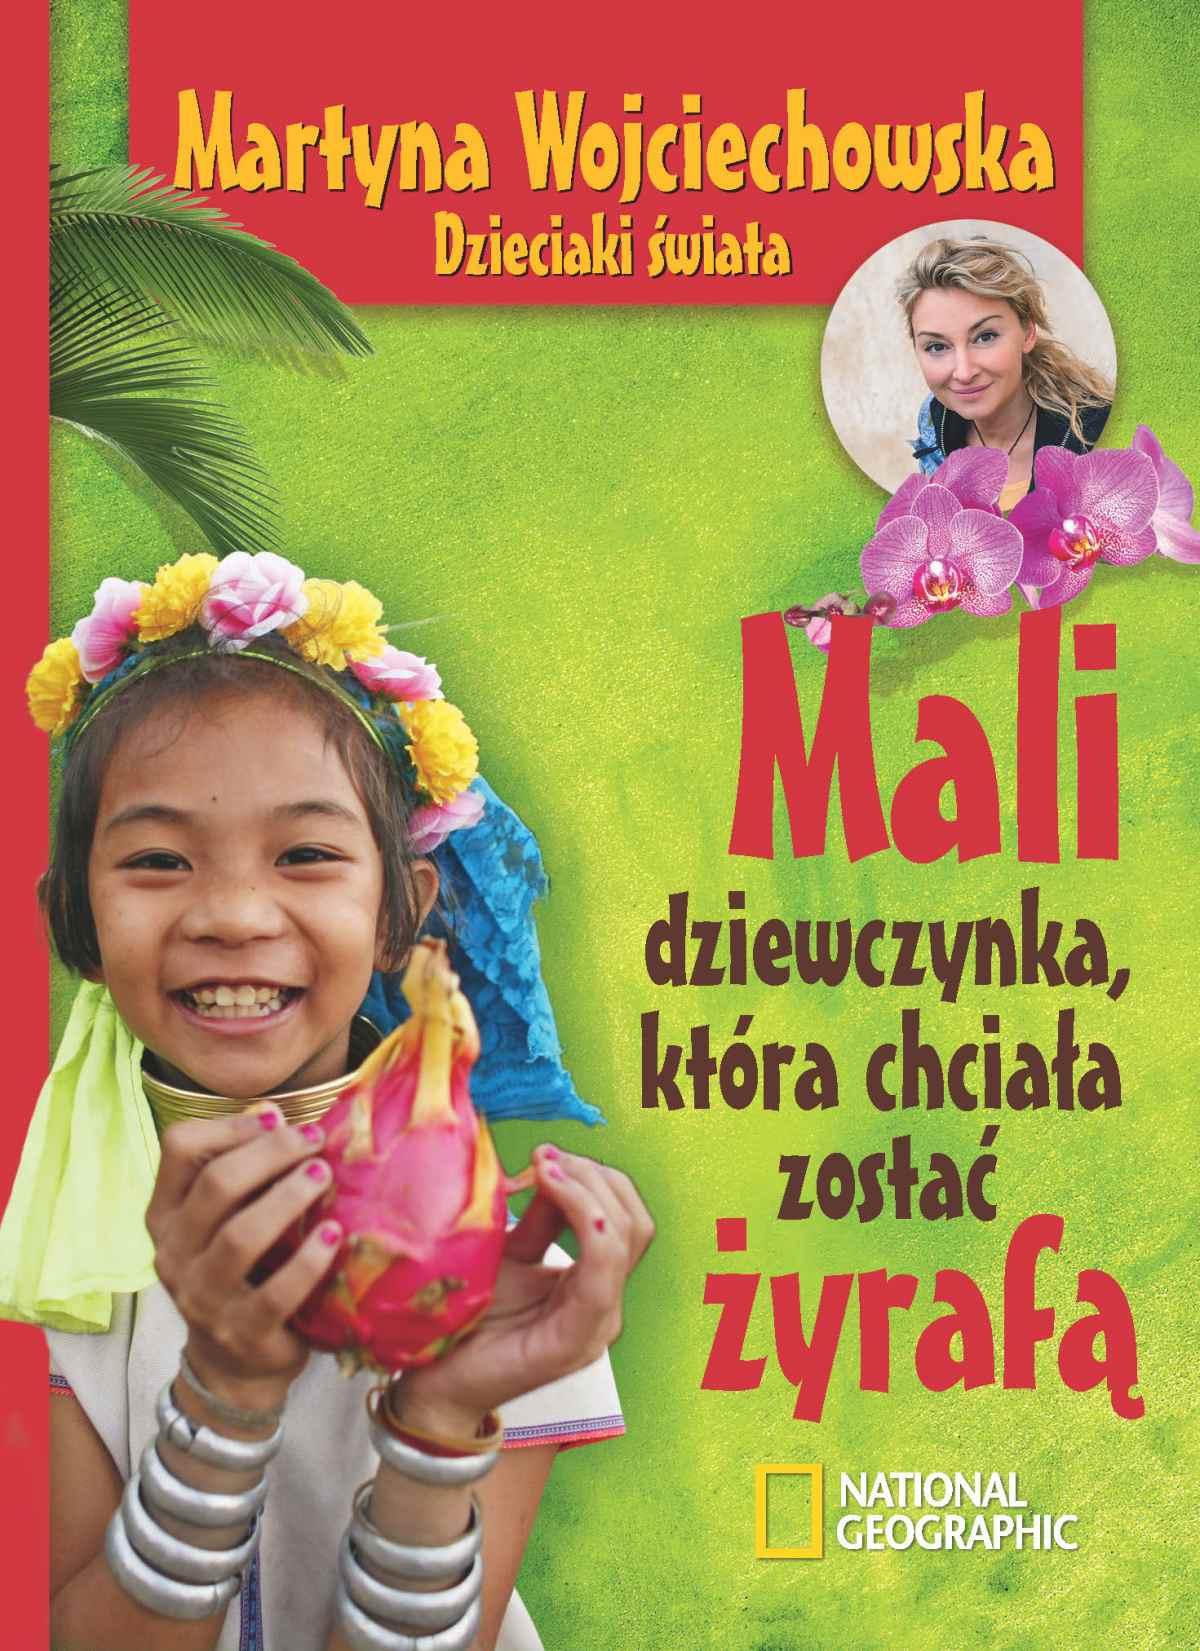 Mali, dziewczynka która chciała zostać żyrafą - Ebook (Książka EPUB) do pobrania w formacie EPUB